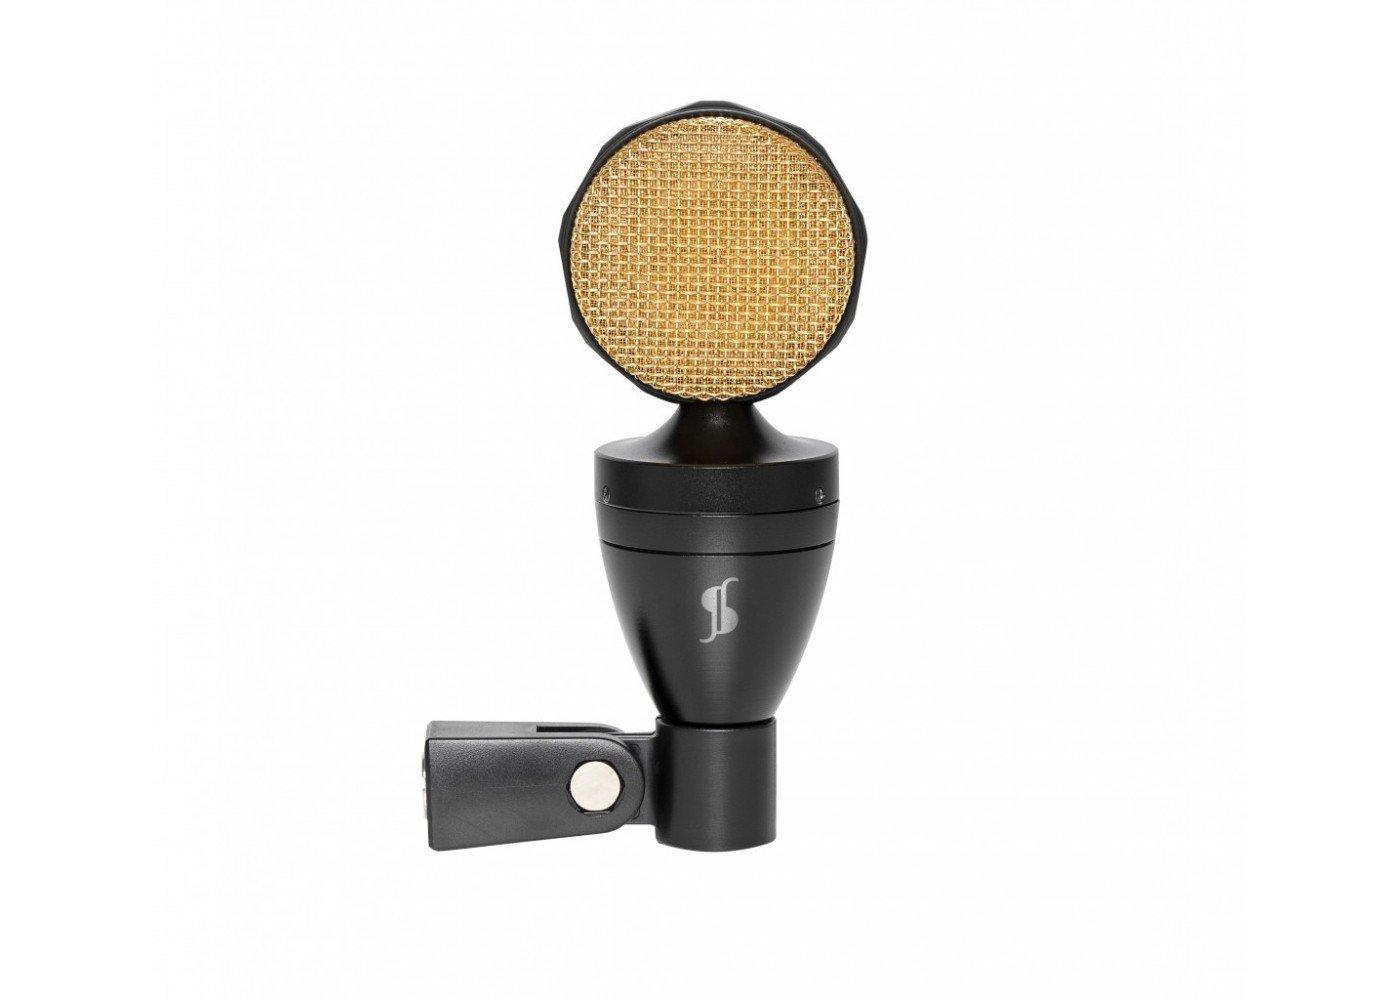 Stagg SSM30 Professional Condenser Vocal/Instrument Microphone